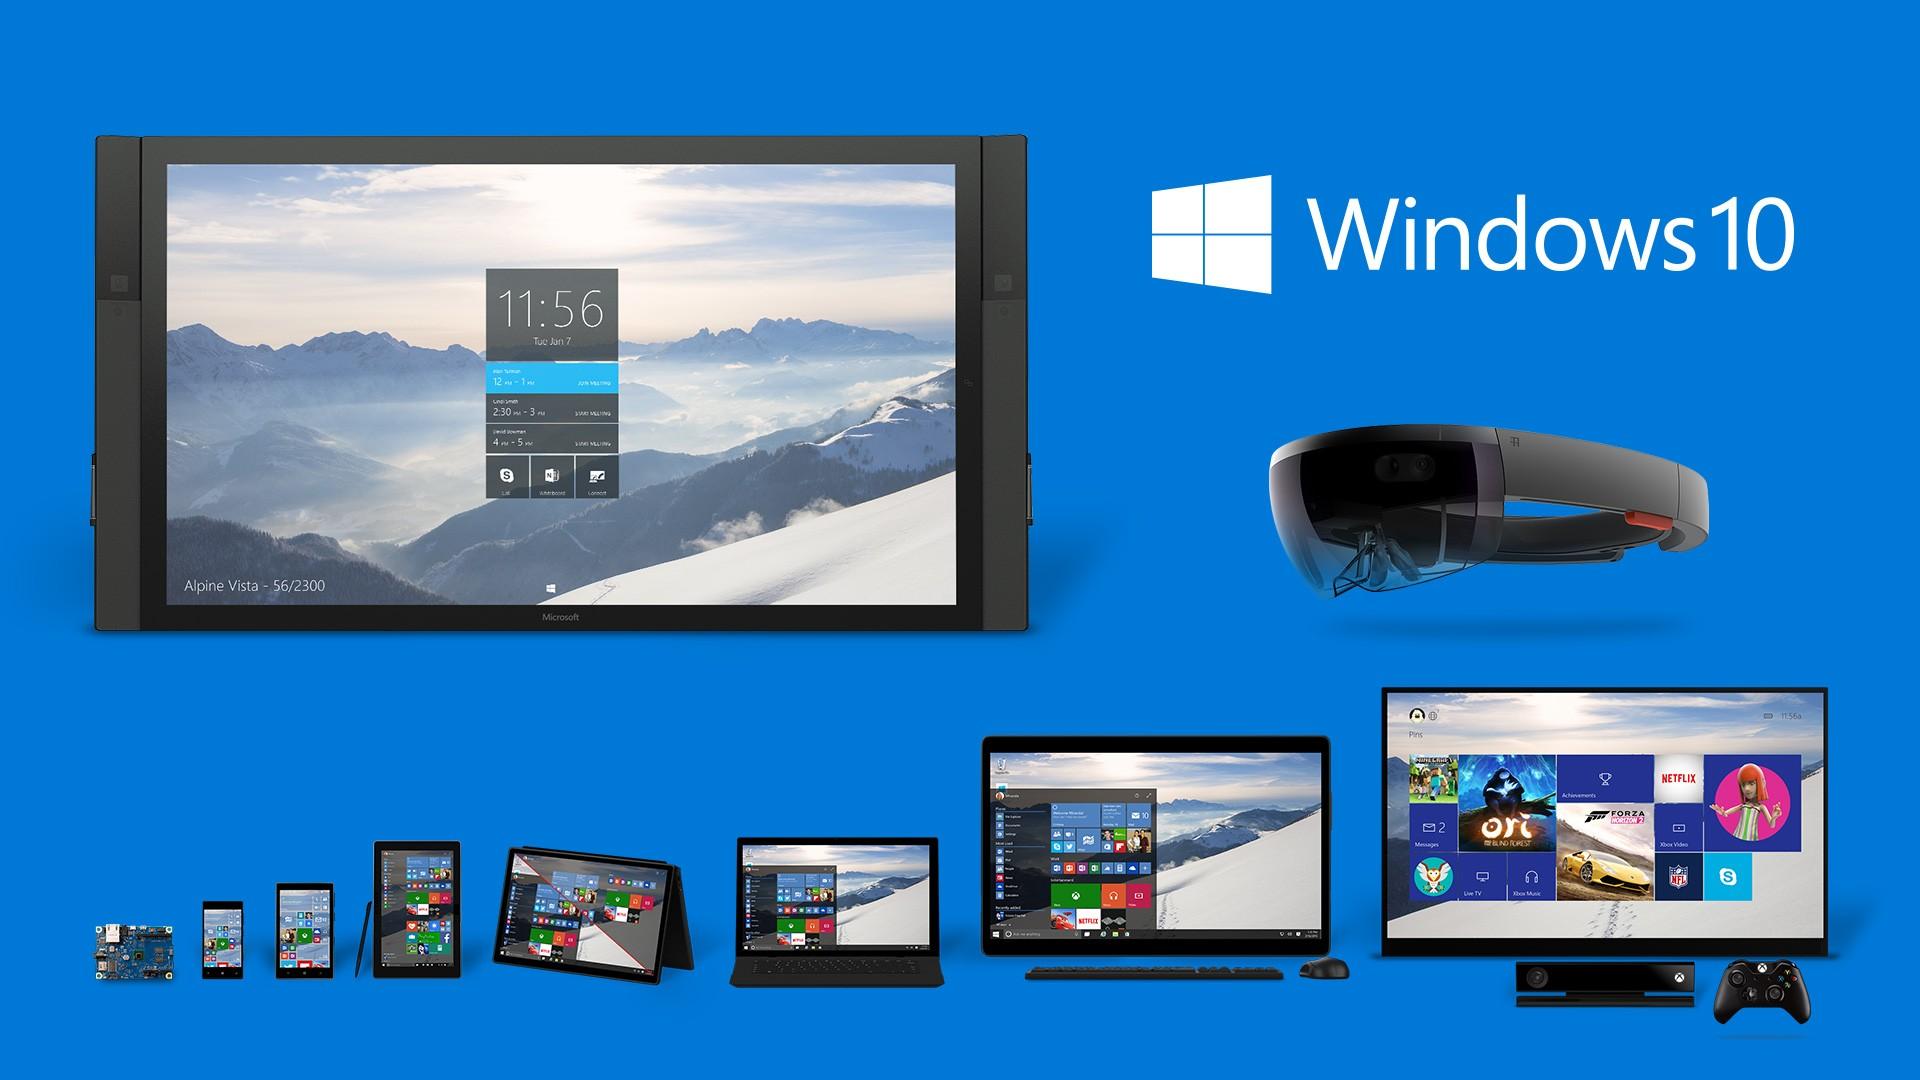 Windows 10 sarà rilasciato ufficialmente il 29 luglio